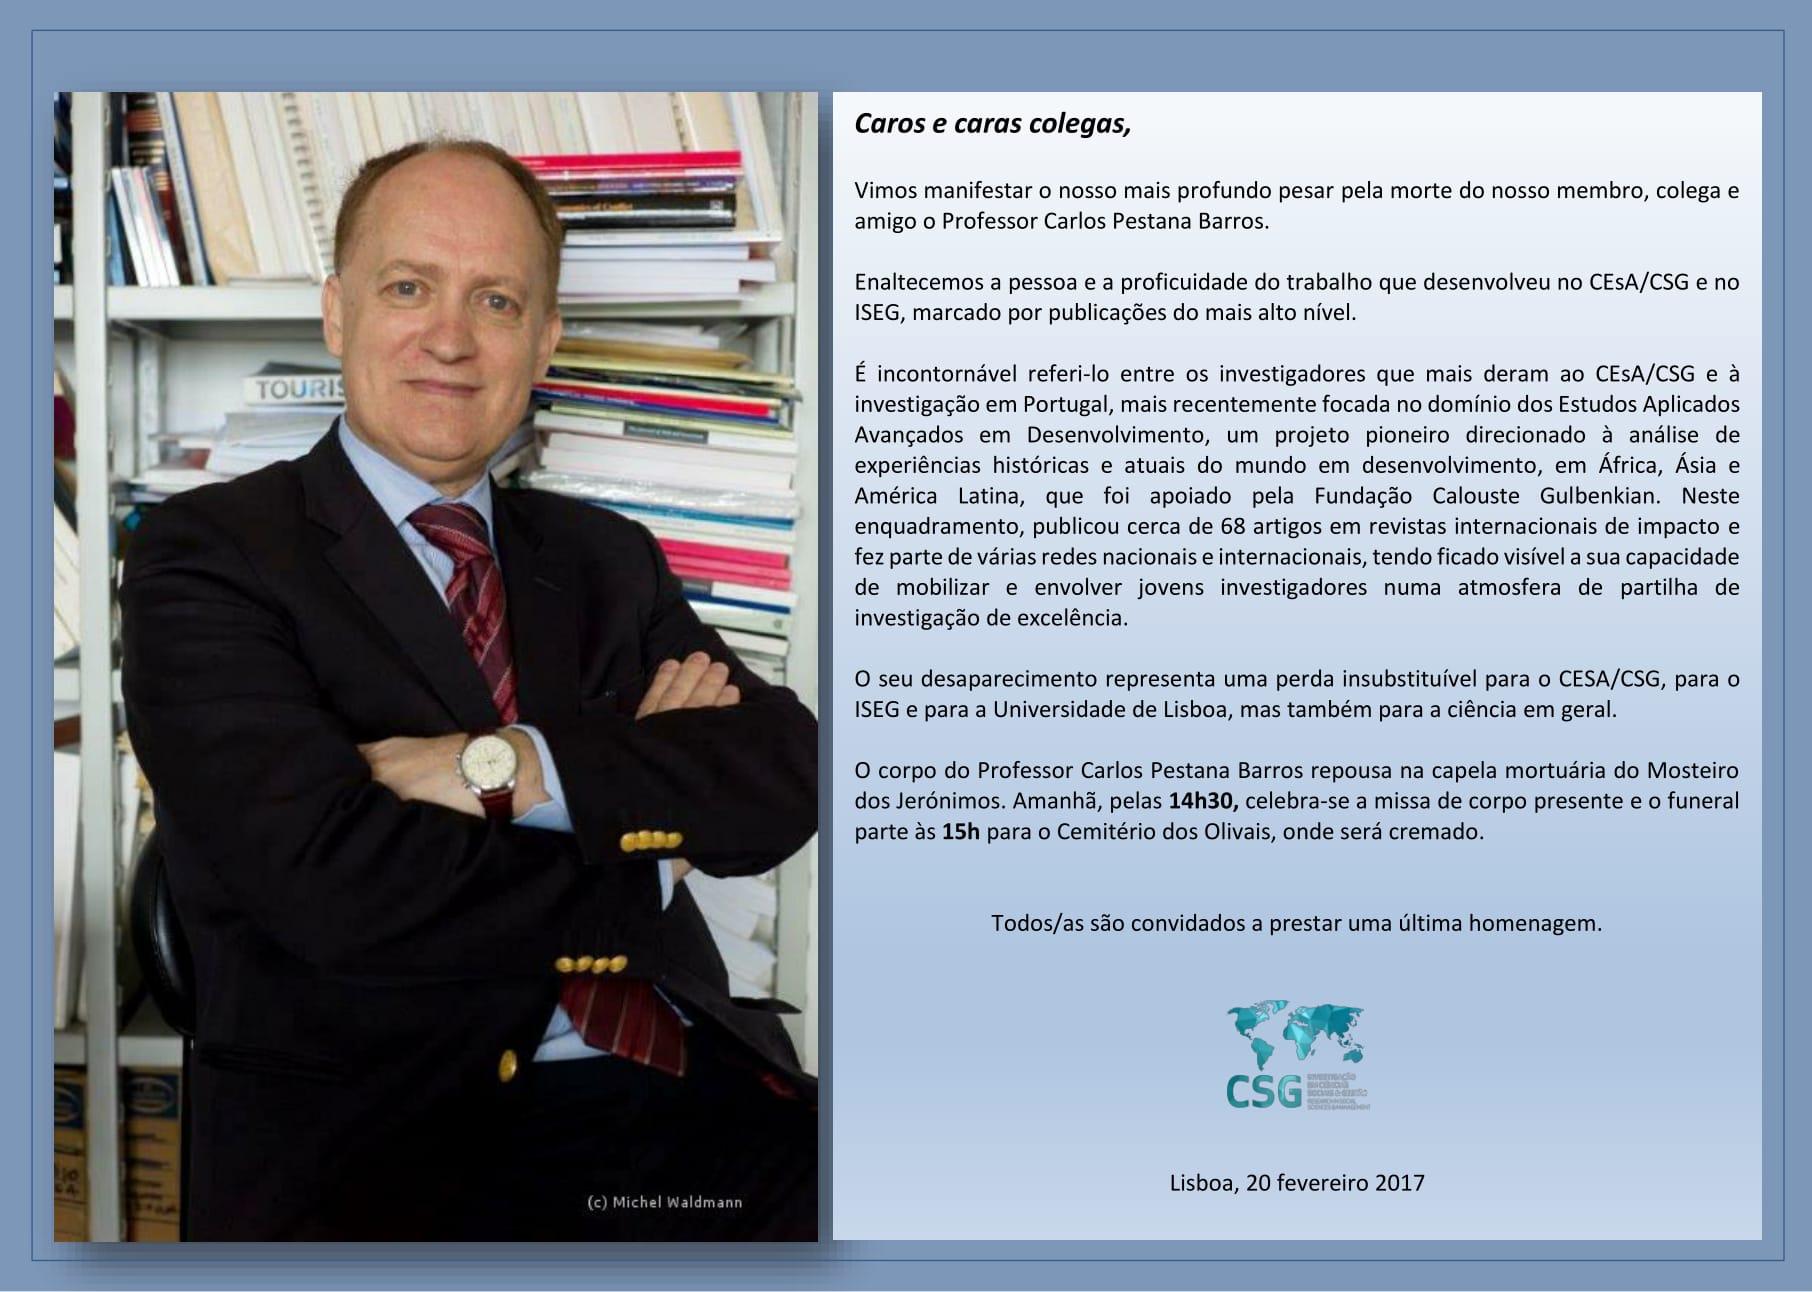 mensagem-de-condolencias_csg-1